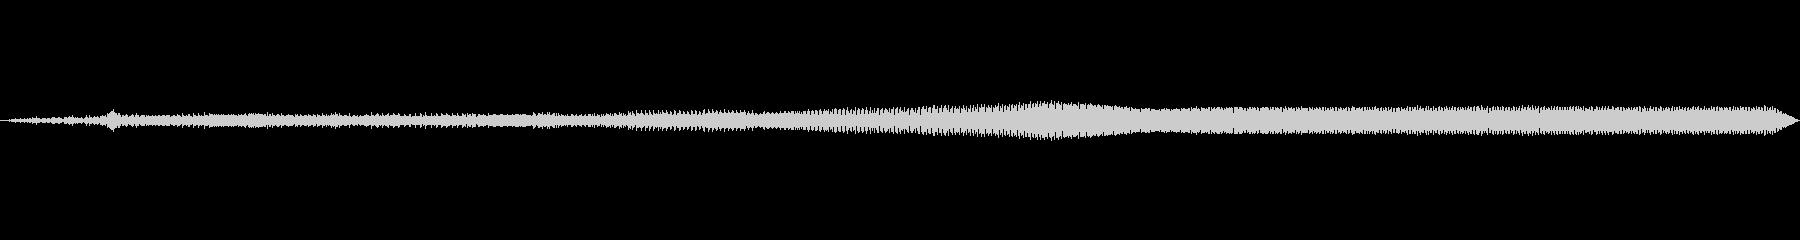 車 カマロ加速エキゾースト01の未再生の波形